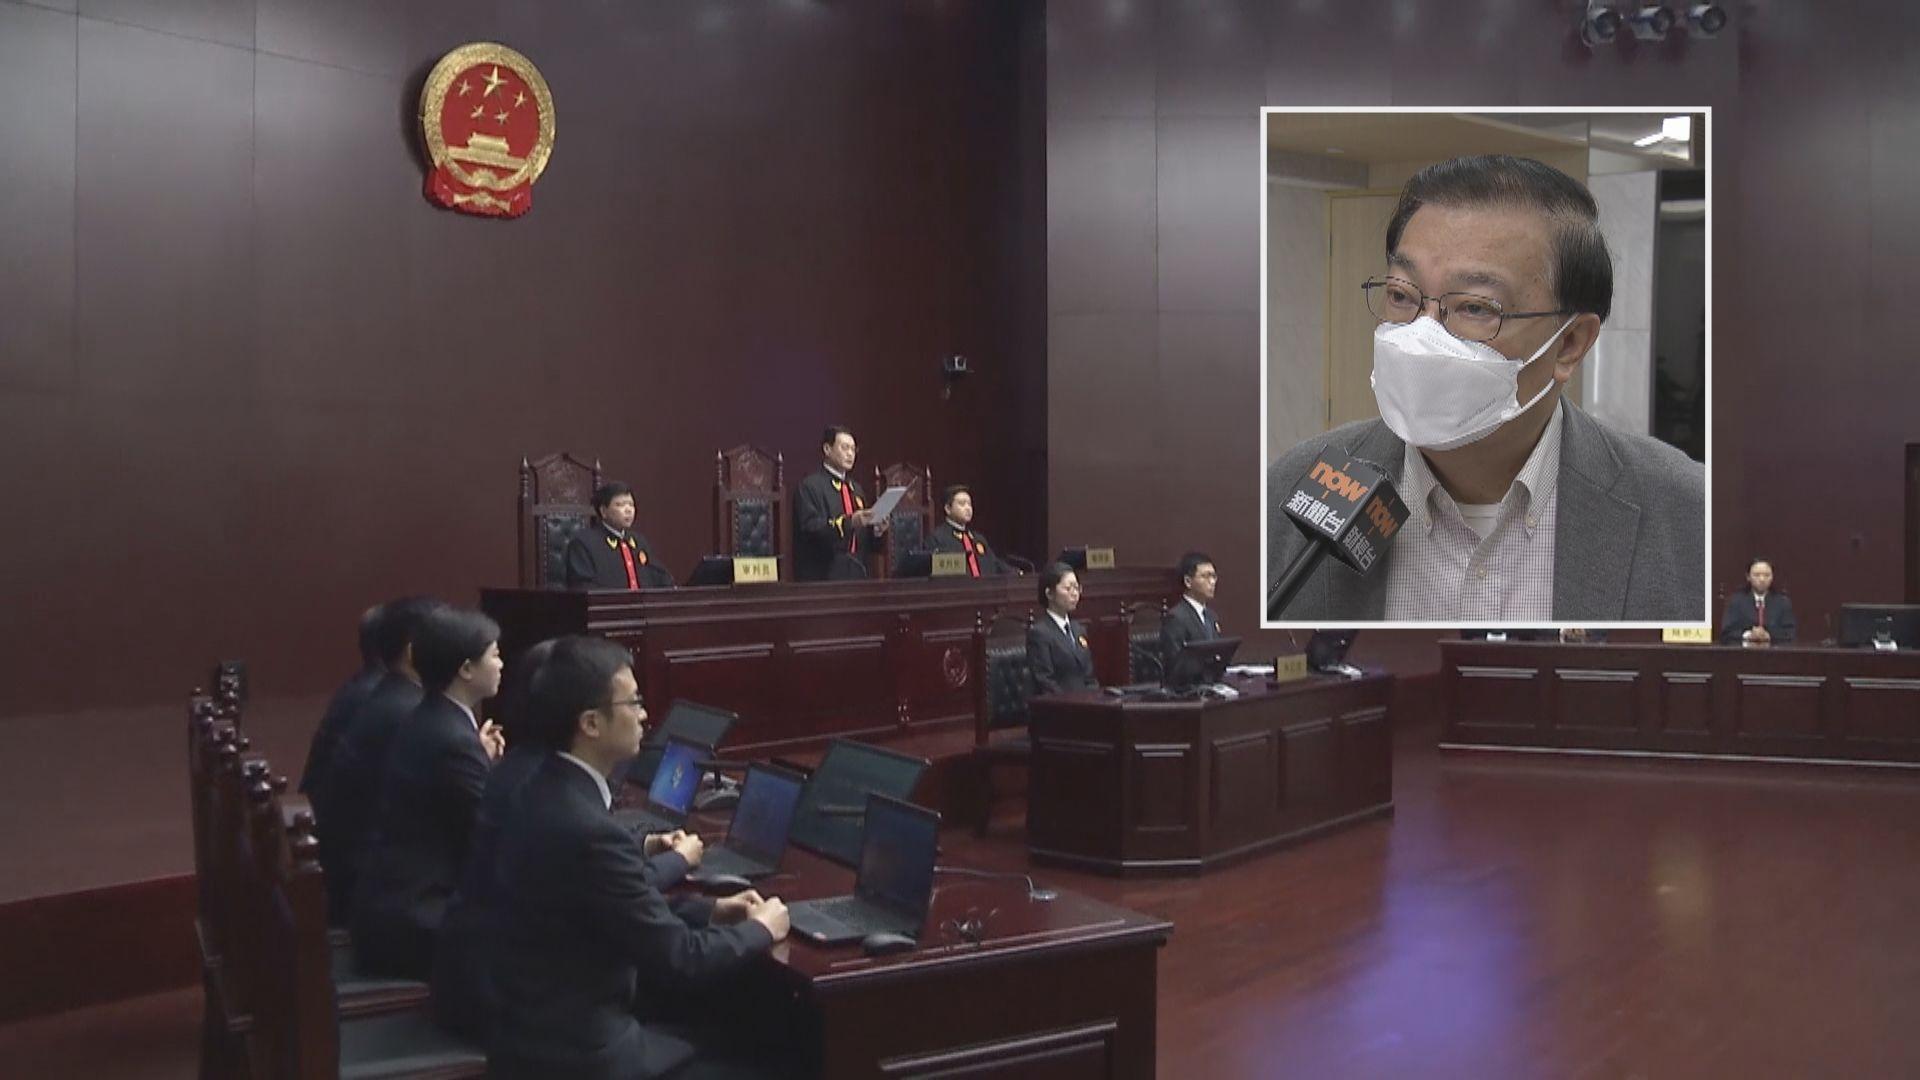 譚耀宗:中央有權要求疑犯移送內地受審